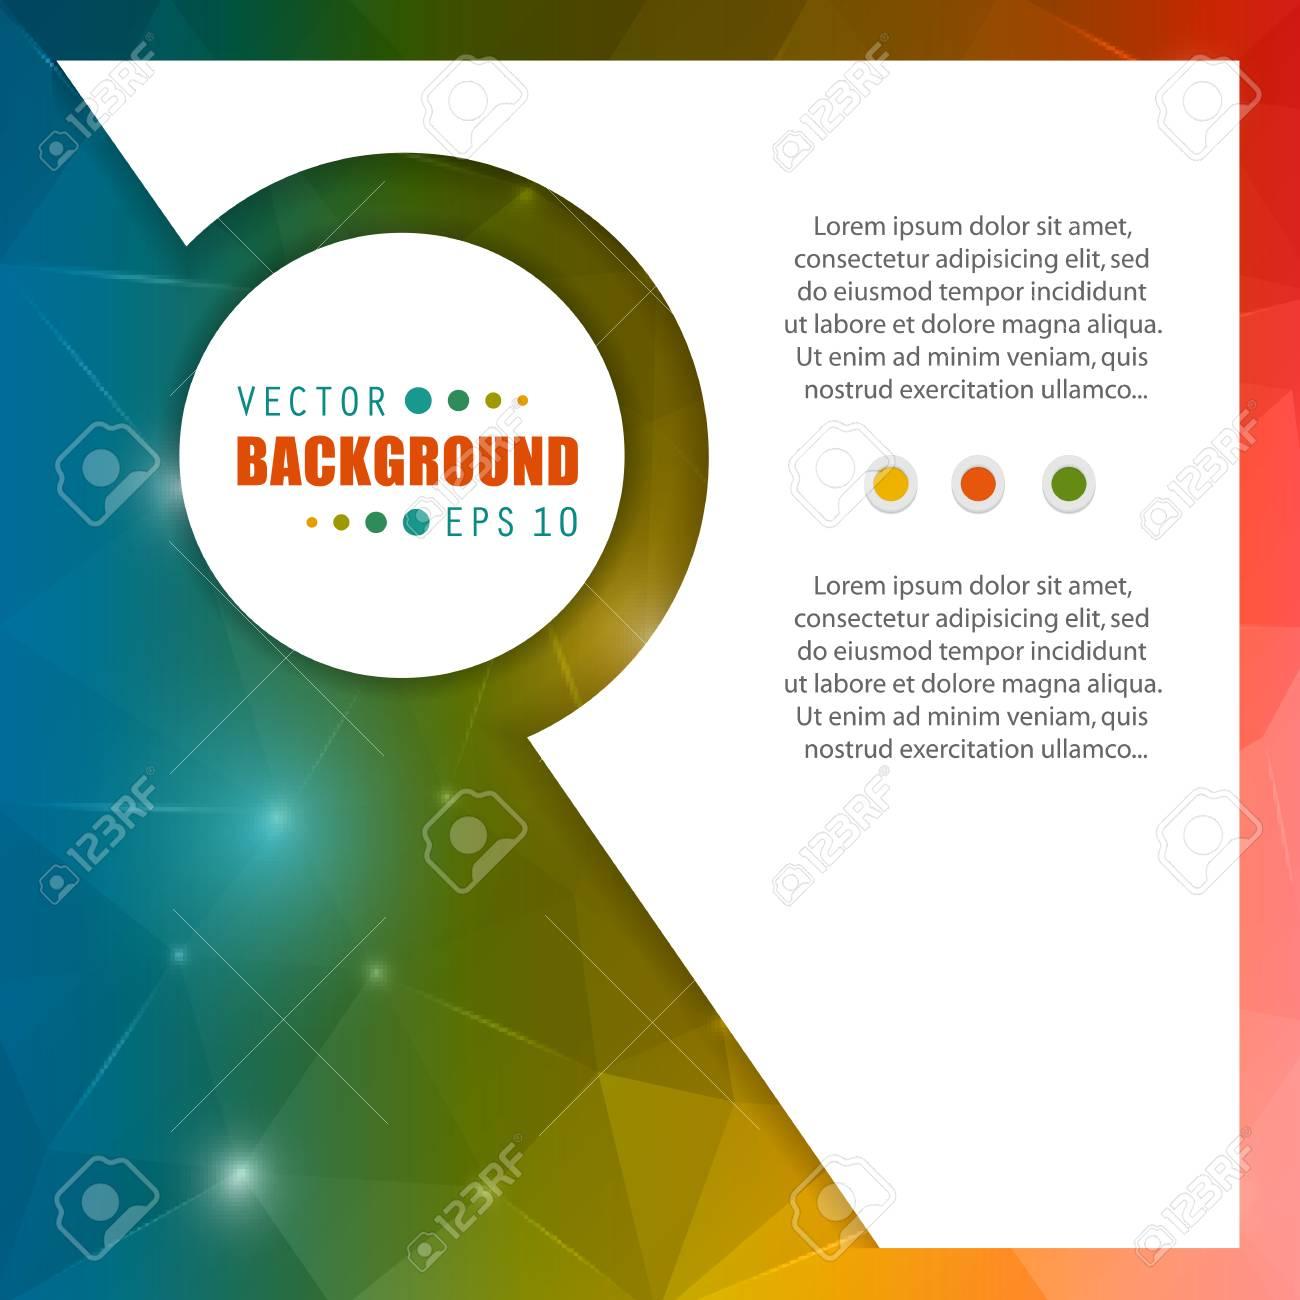 Abstract Creative Konzept Vektor-Broschüre Liste Für Web-und Mobile ...